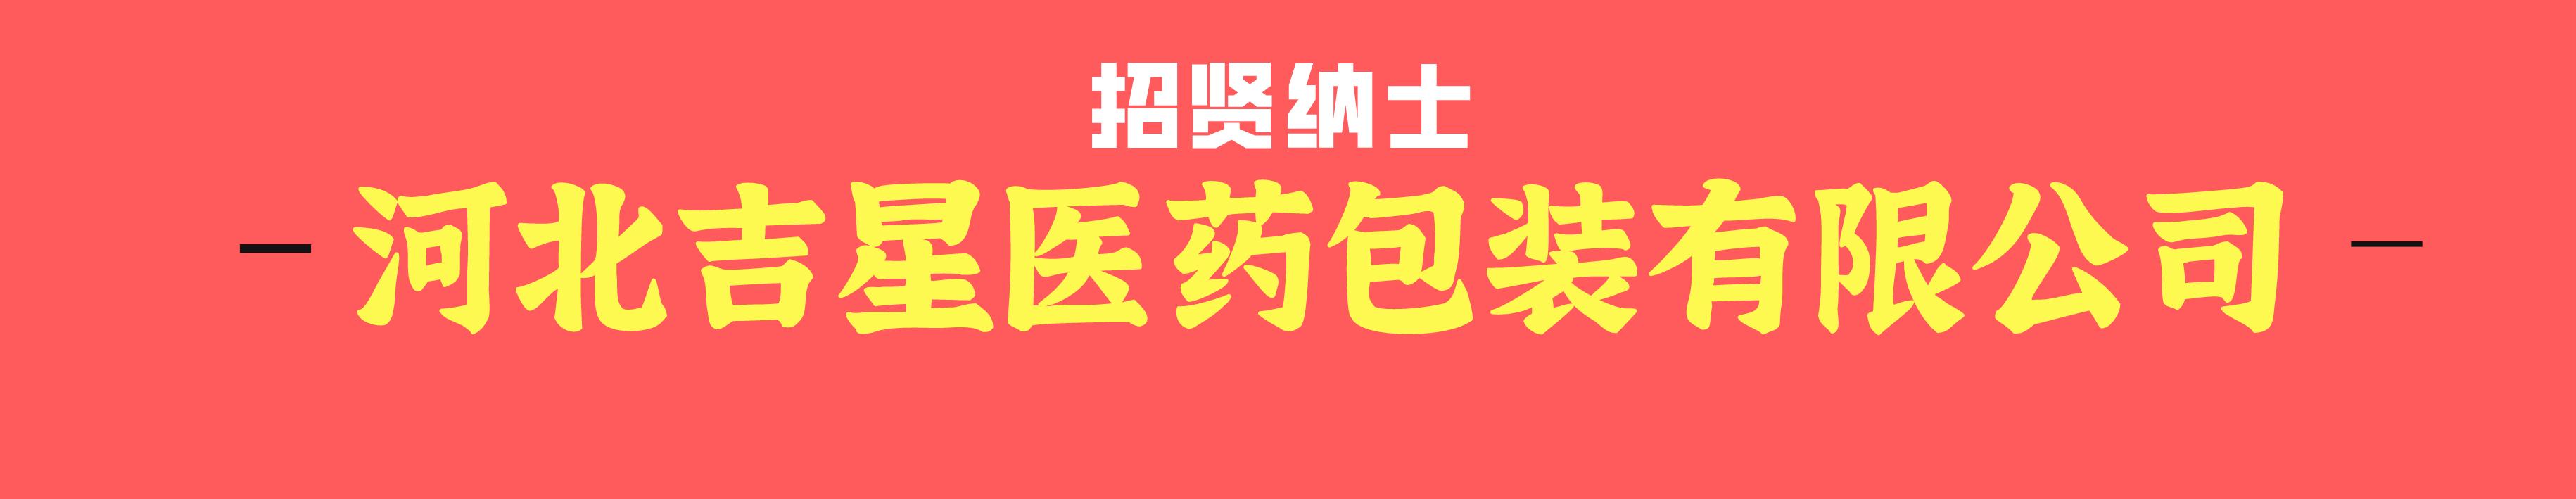 河北吉星医药包装有限公司